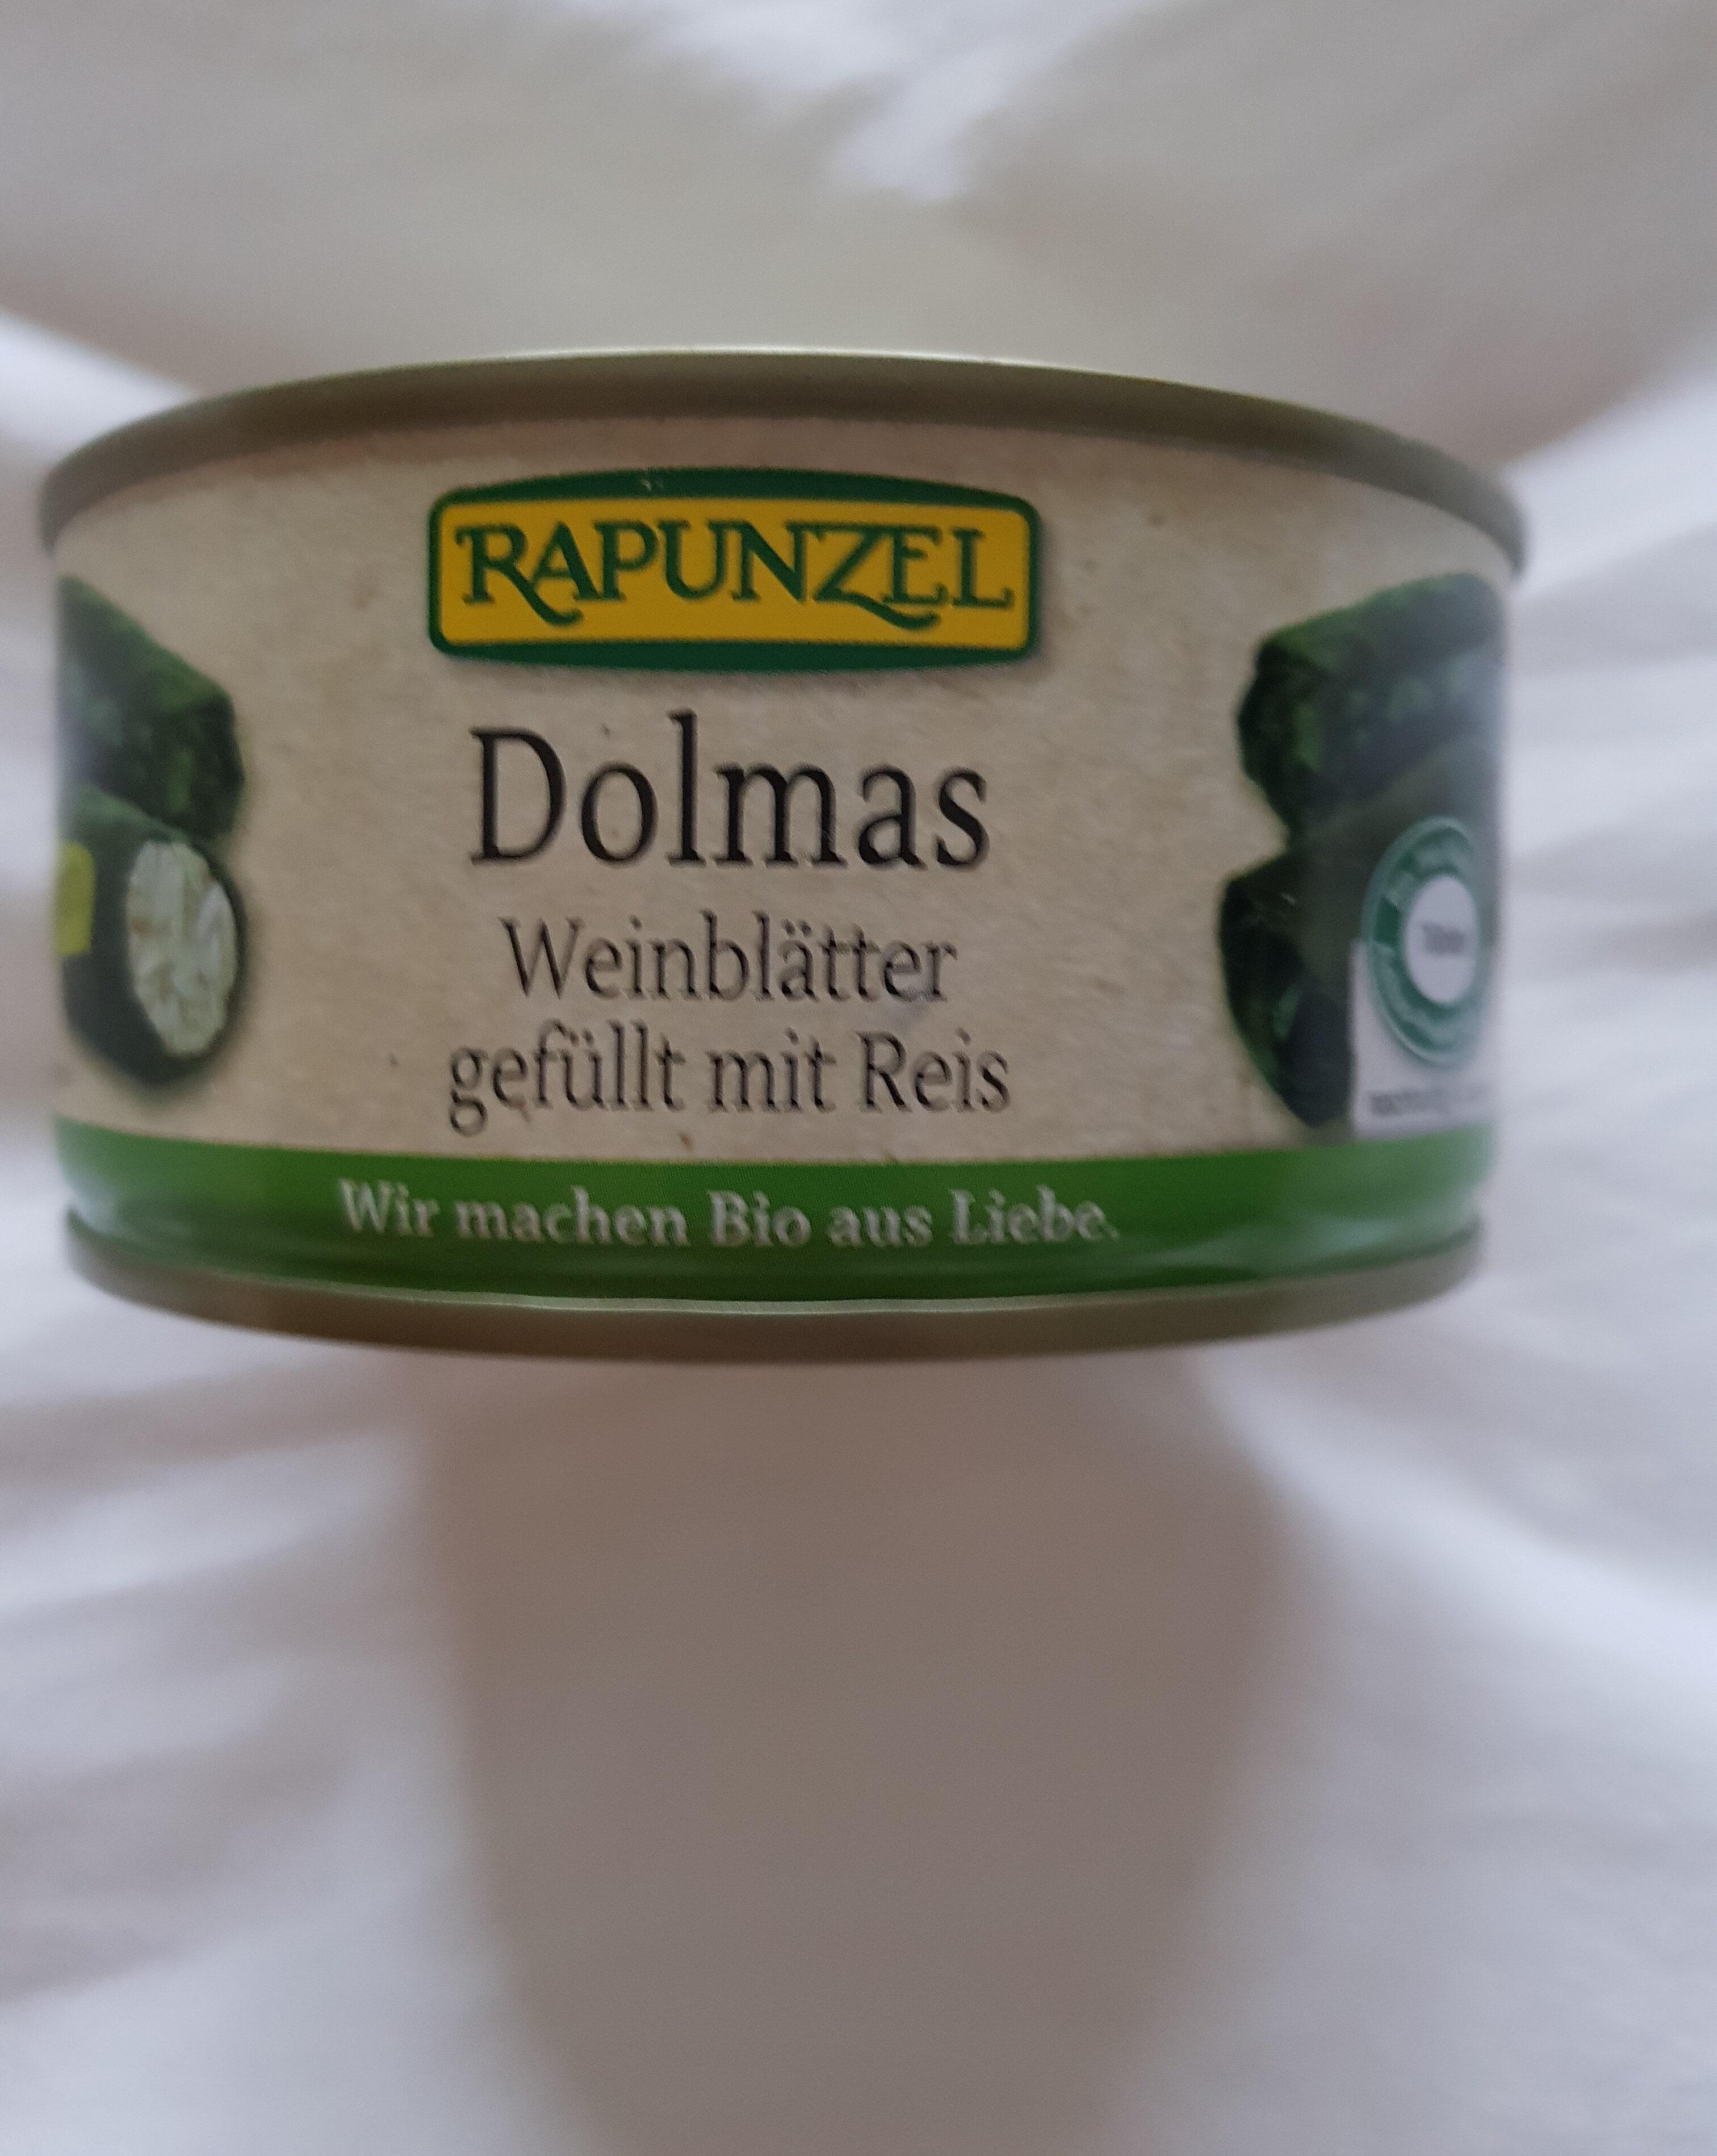 Dolmas - Product - de